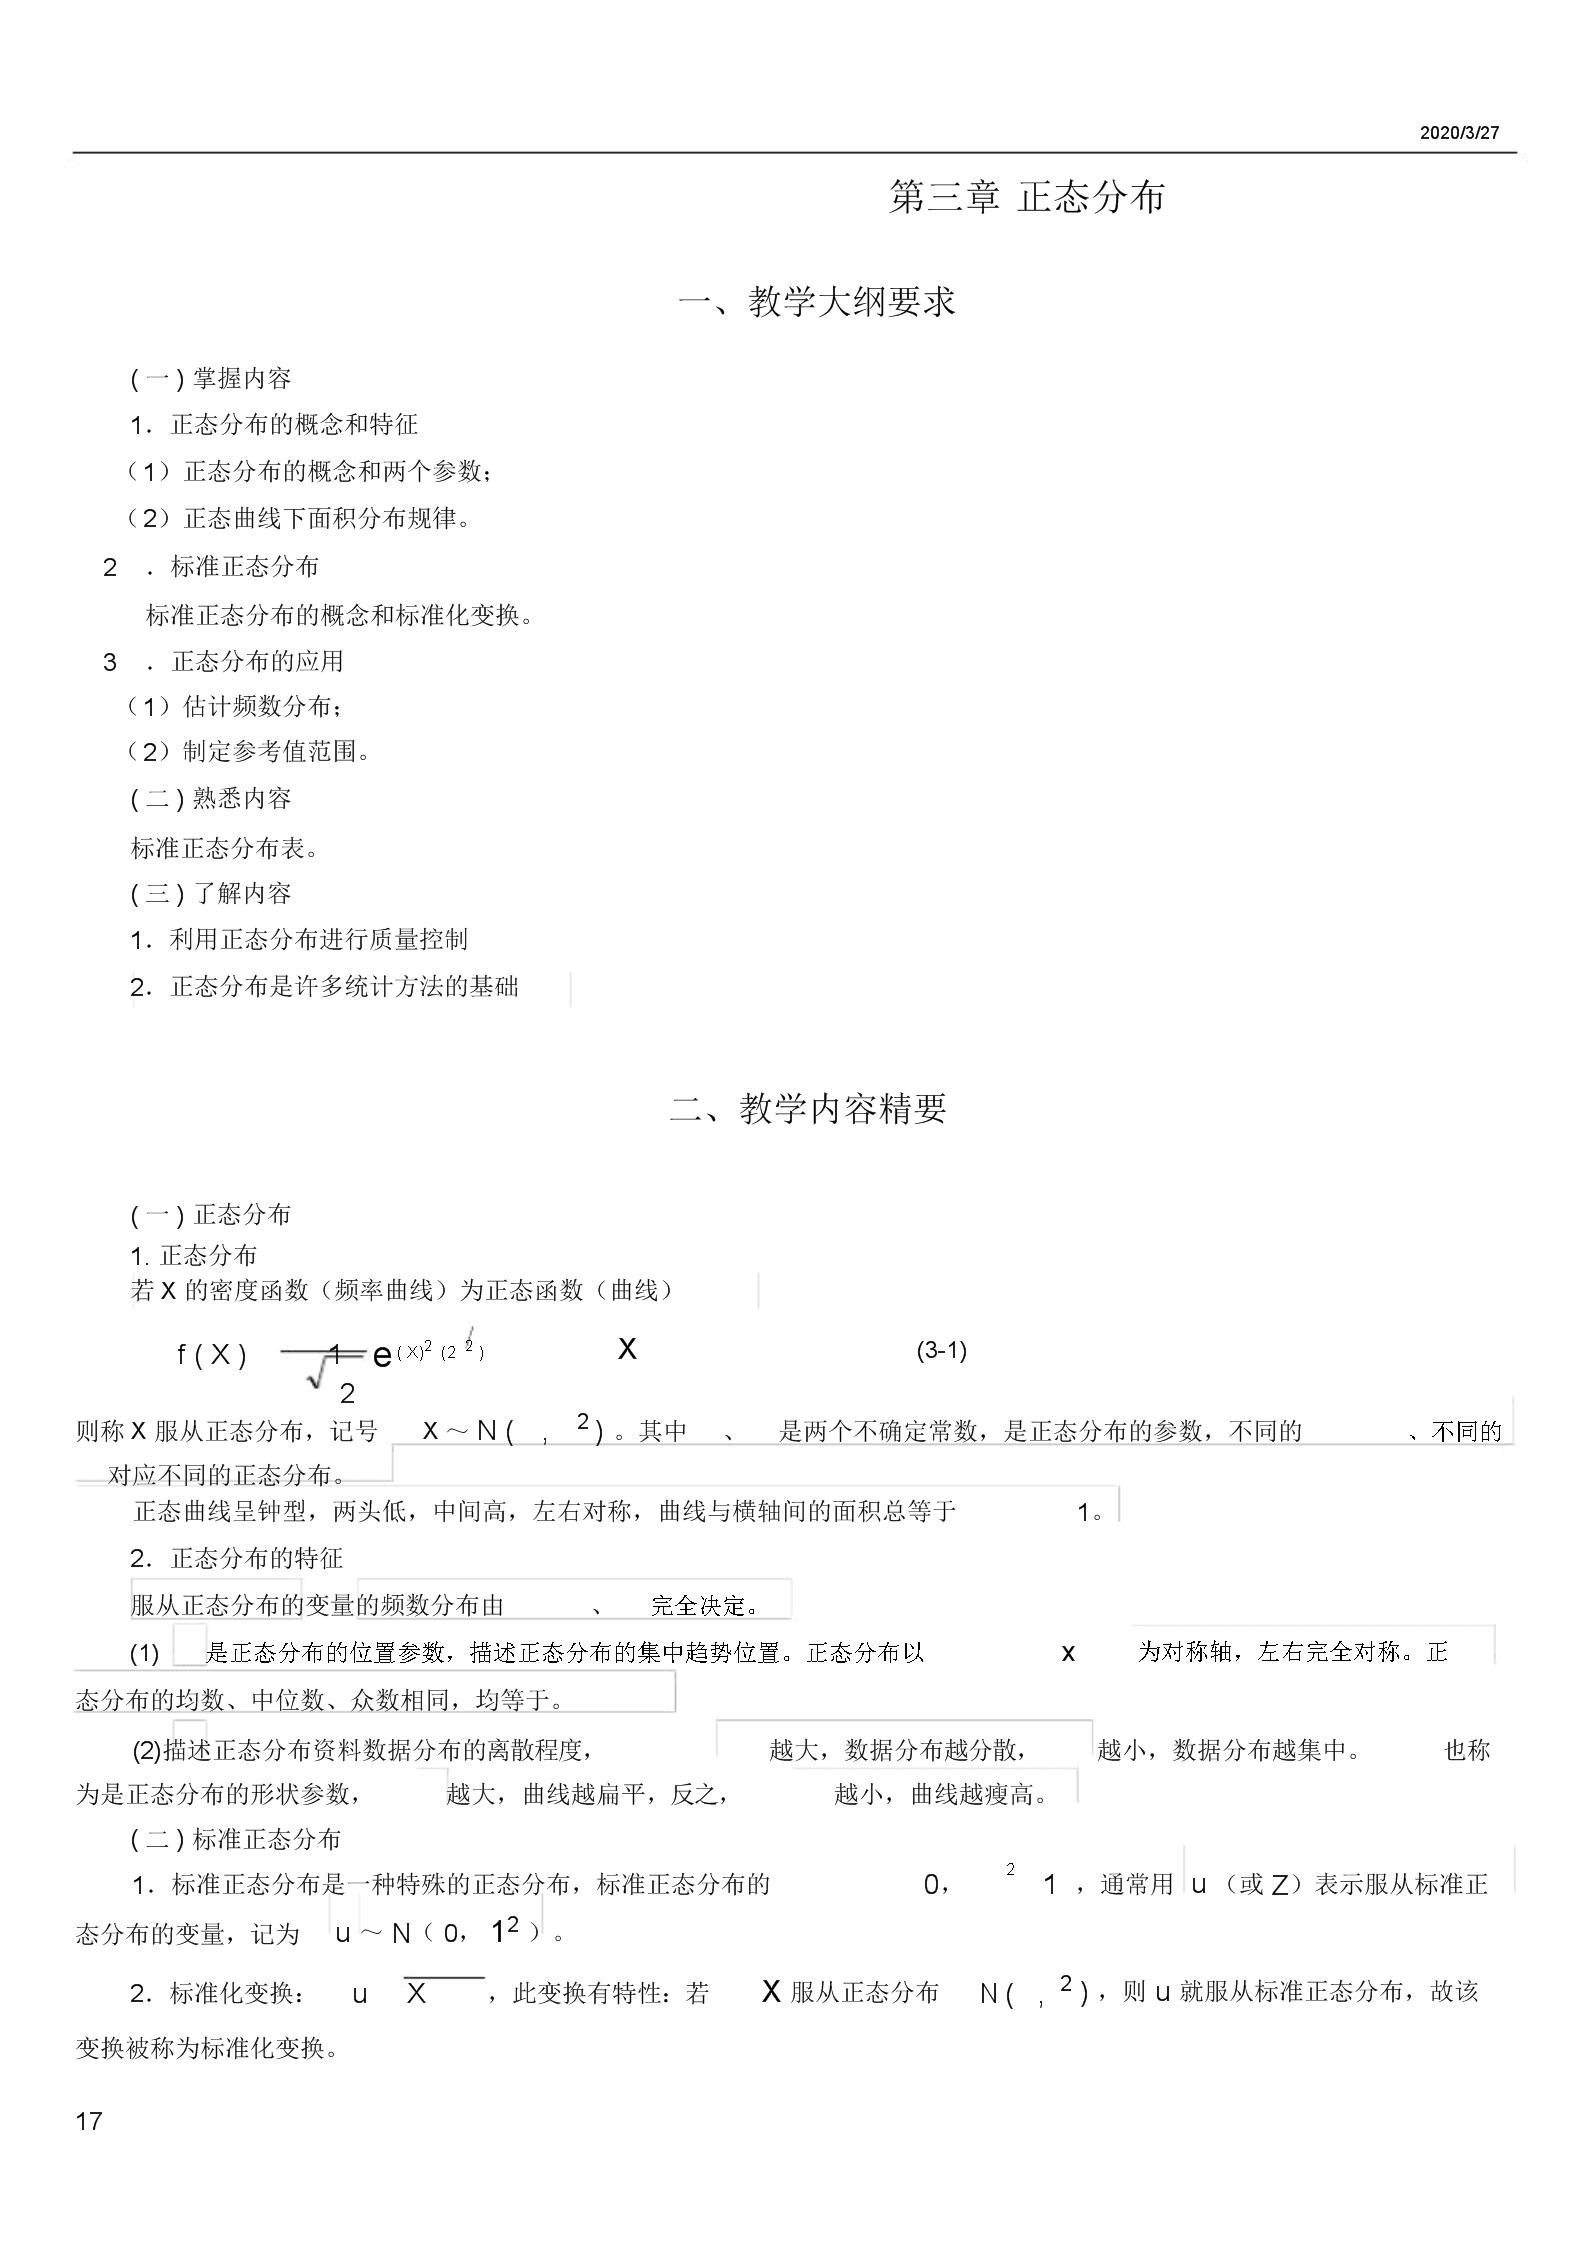 统计学教案习题正态分布.doc